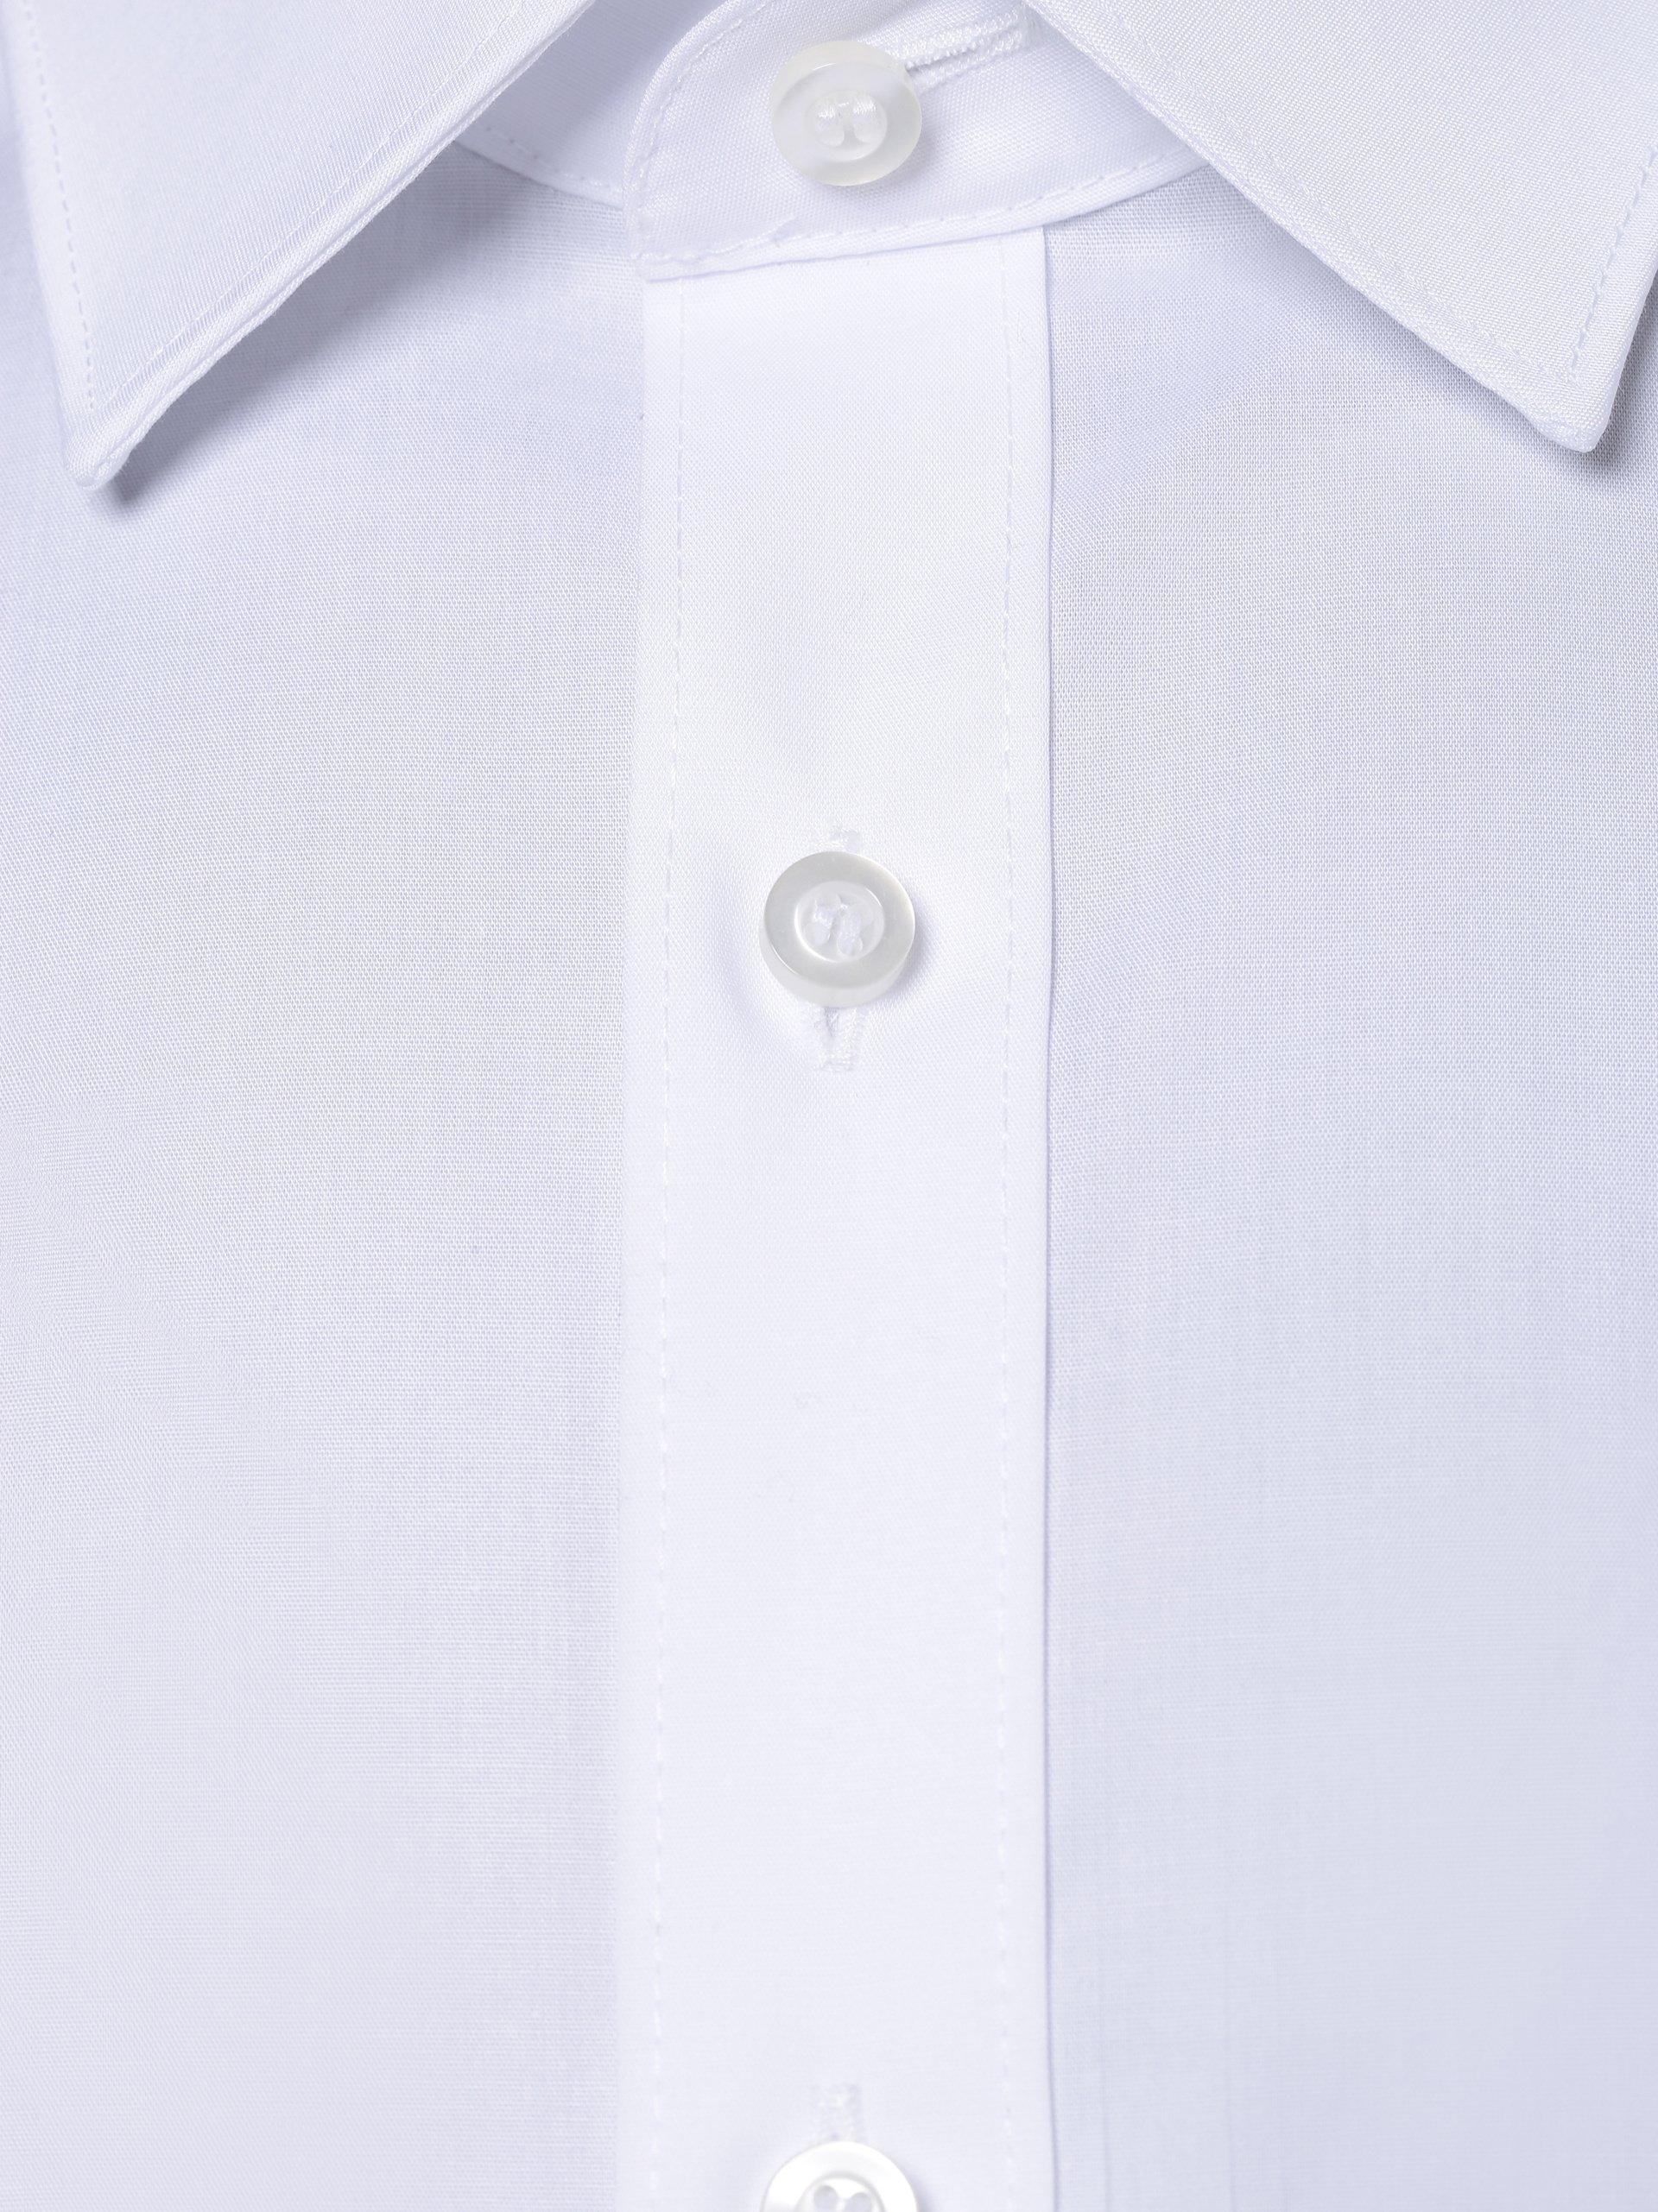 Olymp Level 5 Herren Hemd Bügelleicht